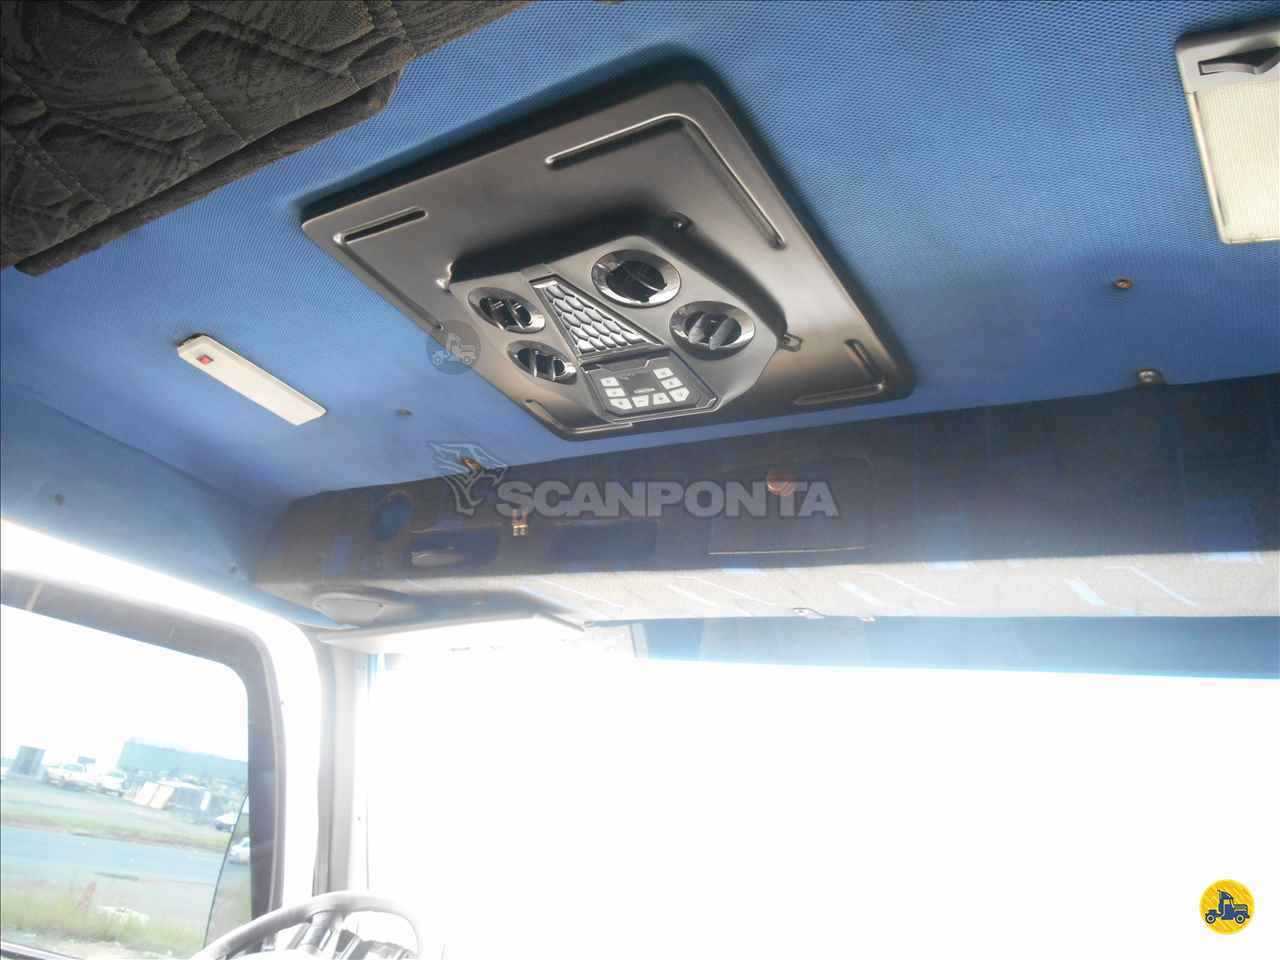 VOLVO VOLVO NH12 380 1km 2002/2002 Scanponta Caminhões Peças e Serviços